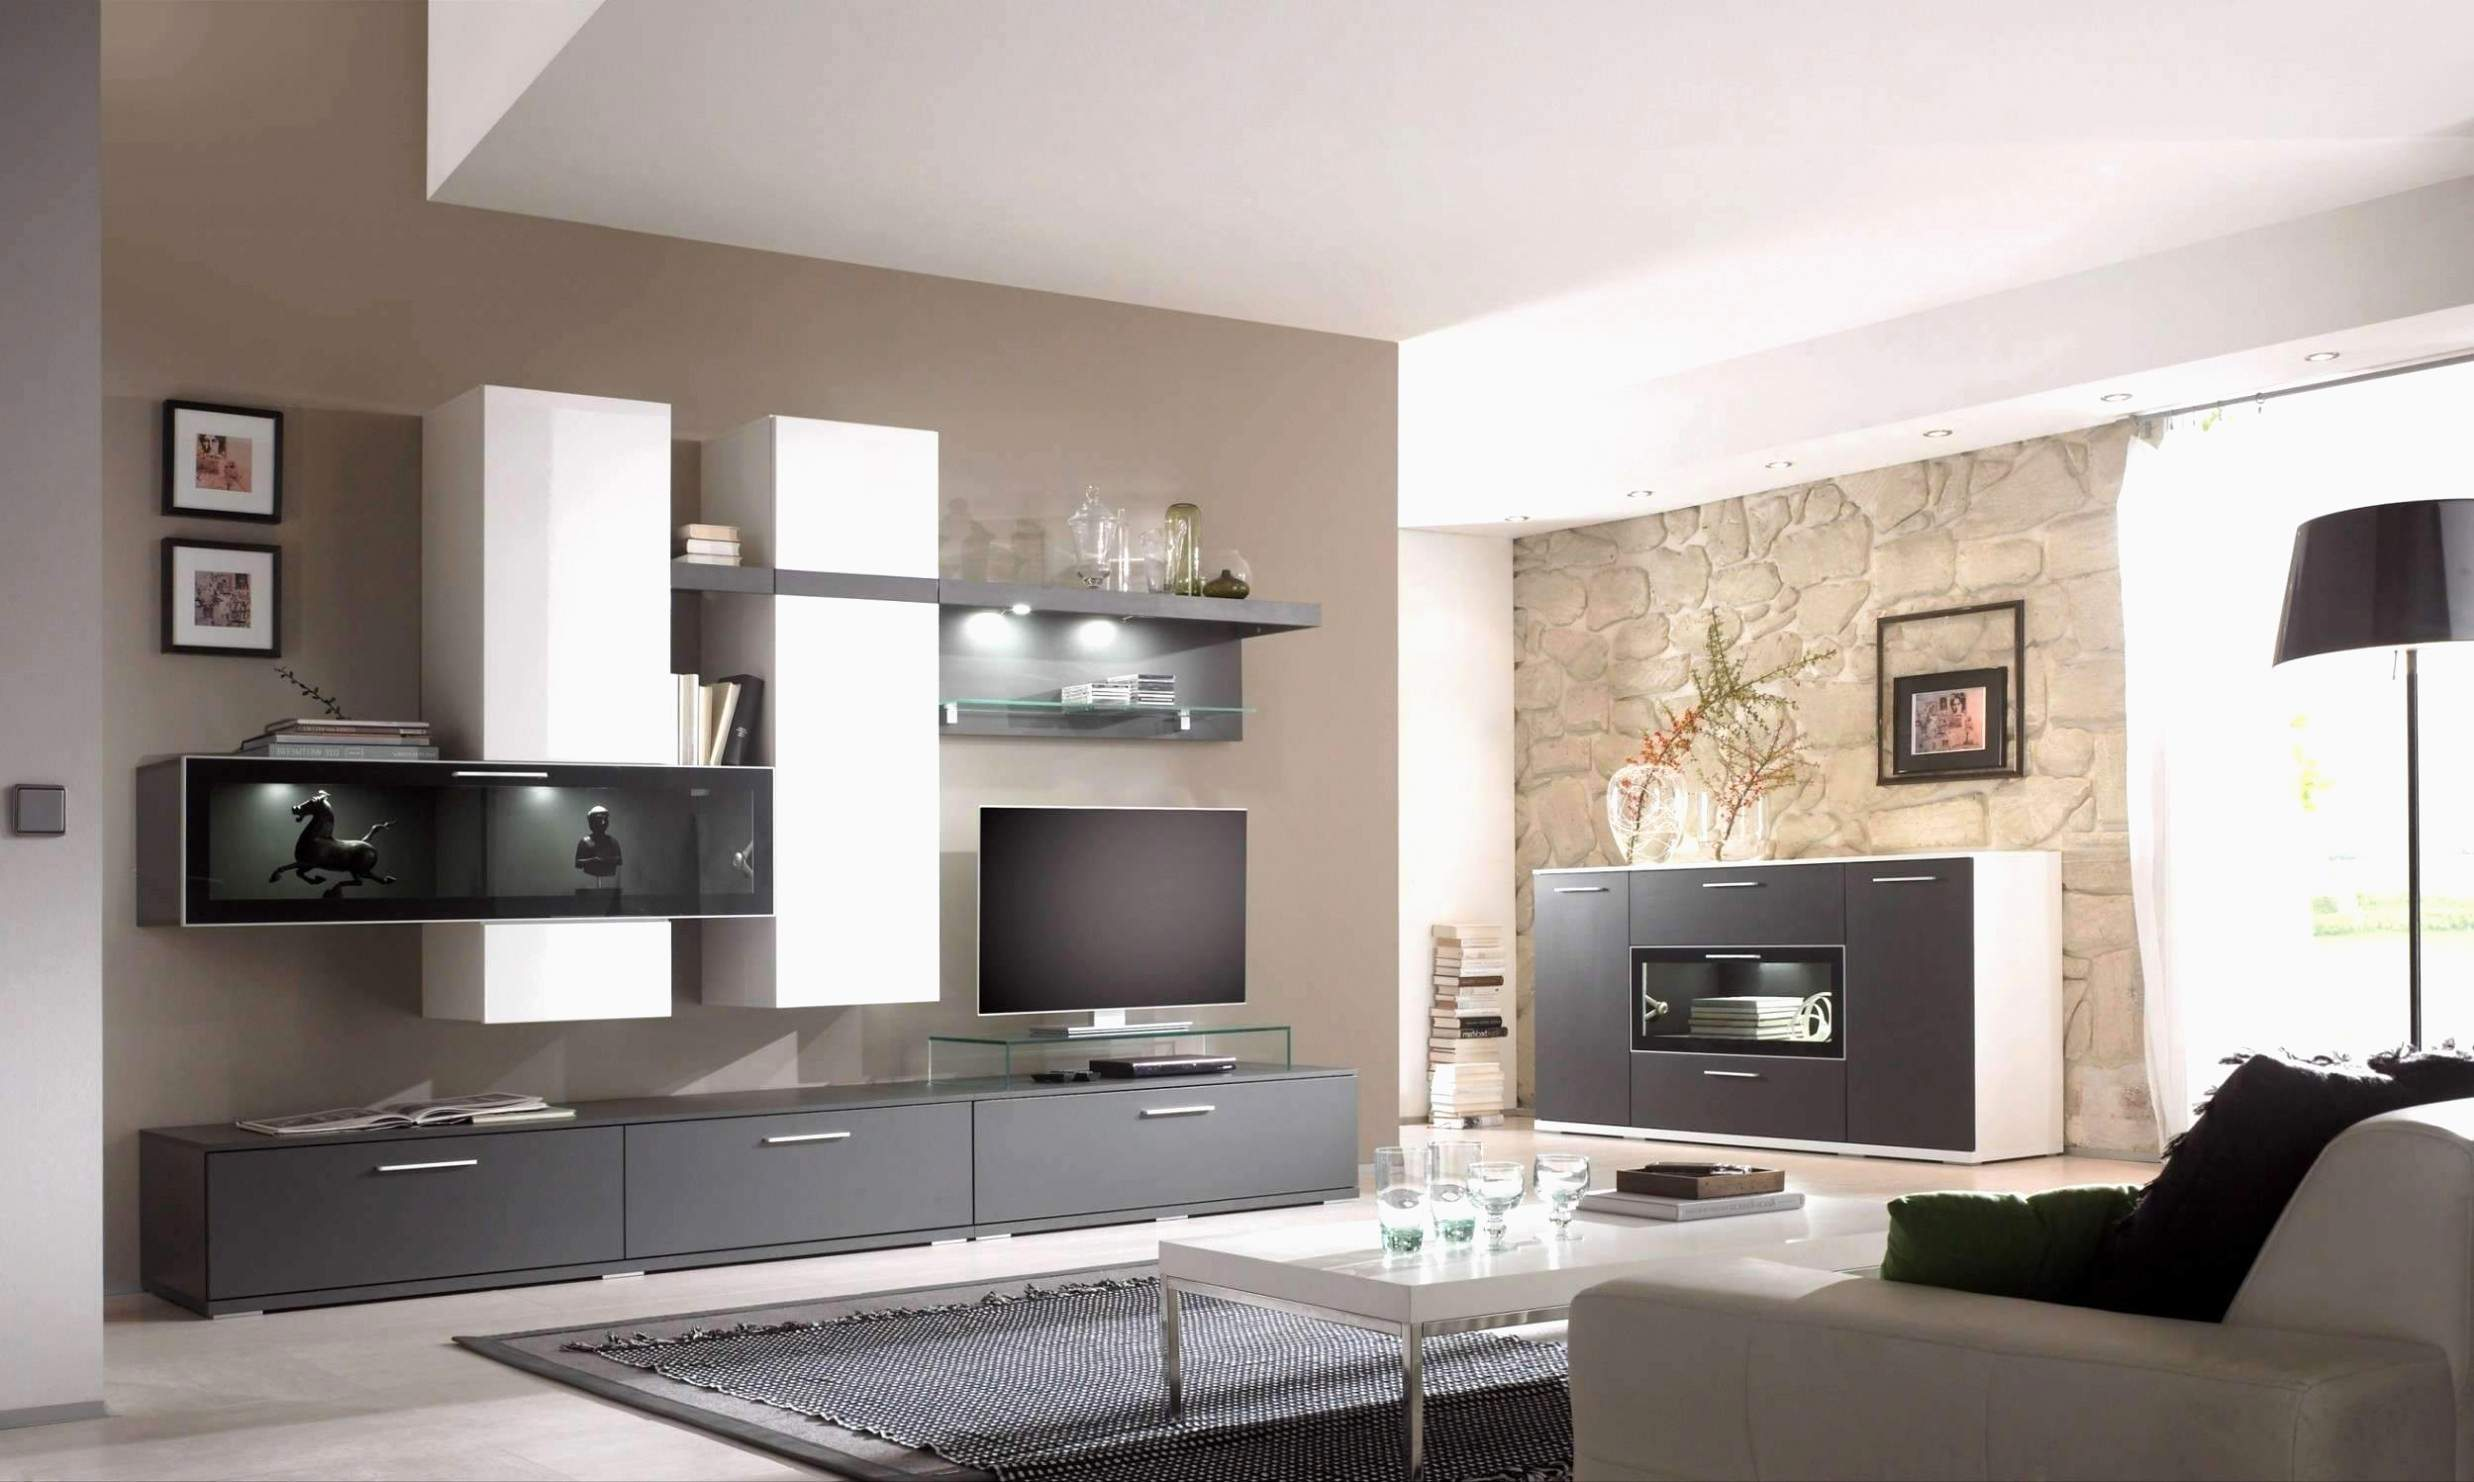 wohnzimmer kamin reizend wohnideen wohnzimmer bilder modern und luxus kamin modern 0d of wohnzimmer kamin